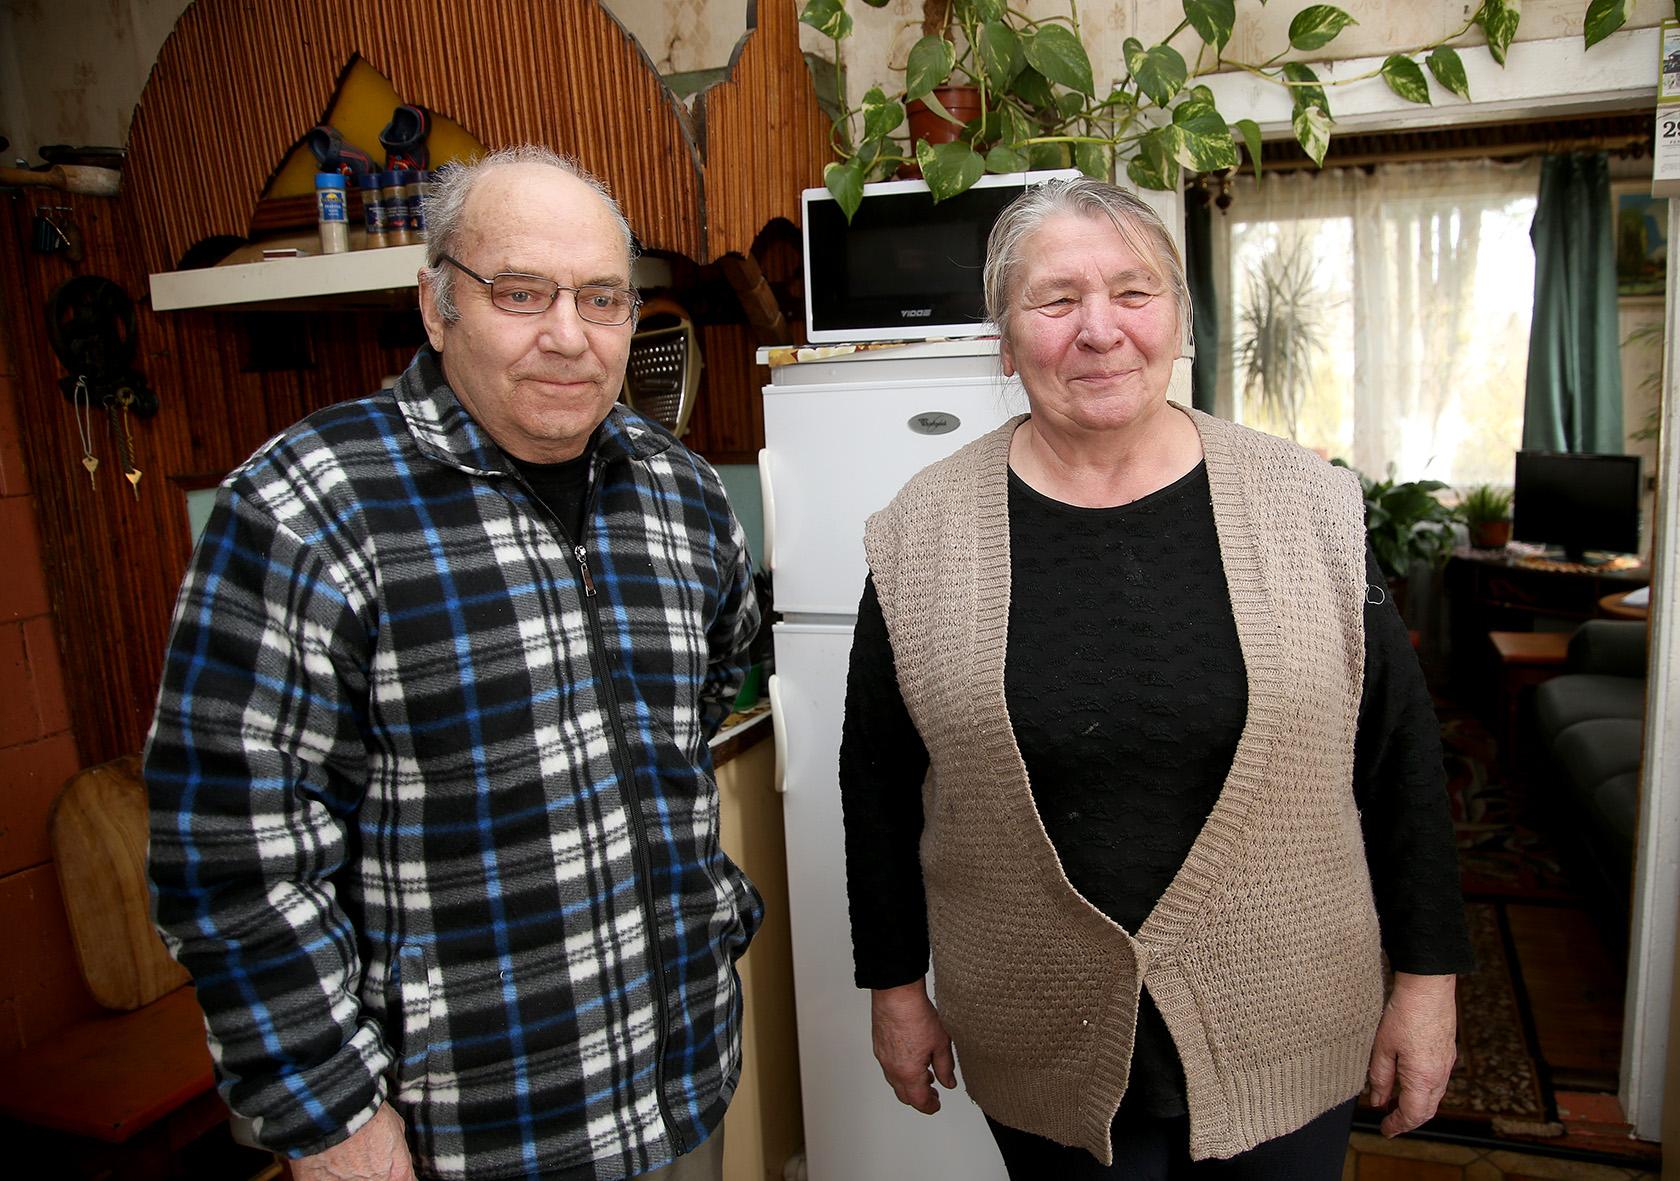 Svilių kaimo šokiuose susipažinę Leonas ir Janina Lukošiai bendro gyvenimo keliu eina jau 52 metus. A. Barzdžiaus nuotr.